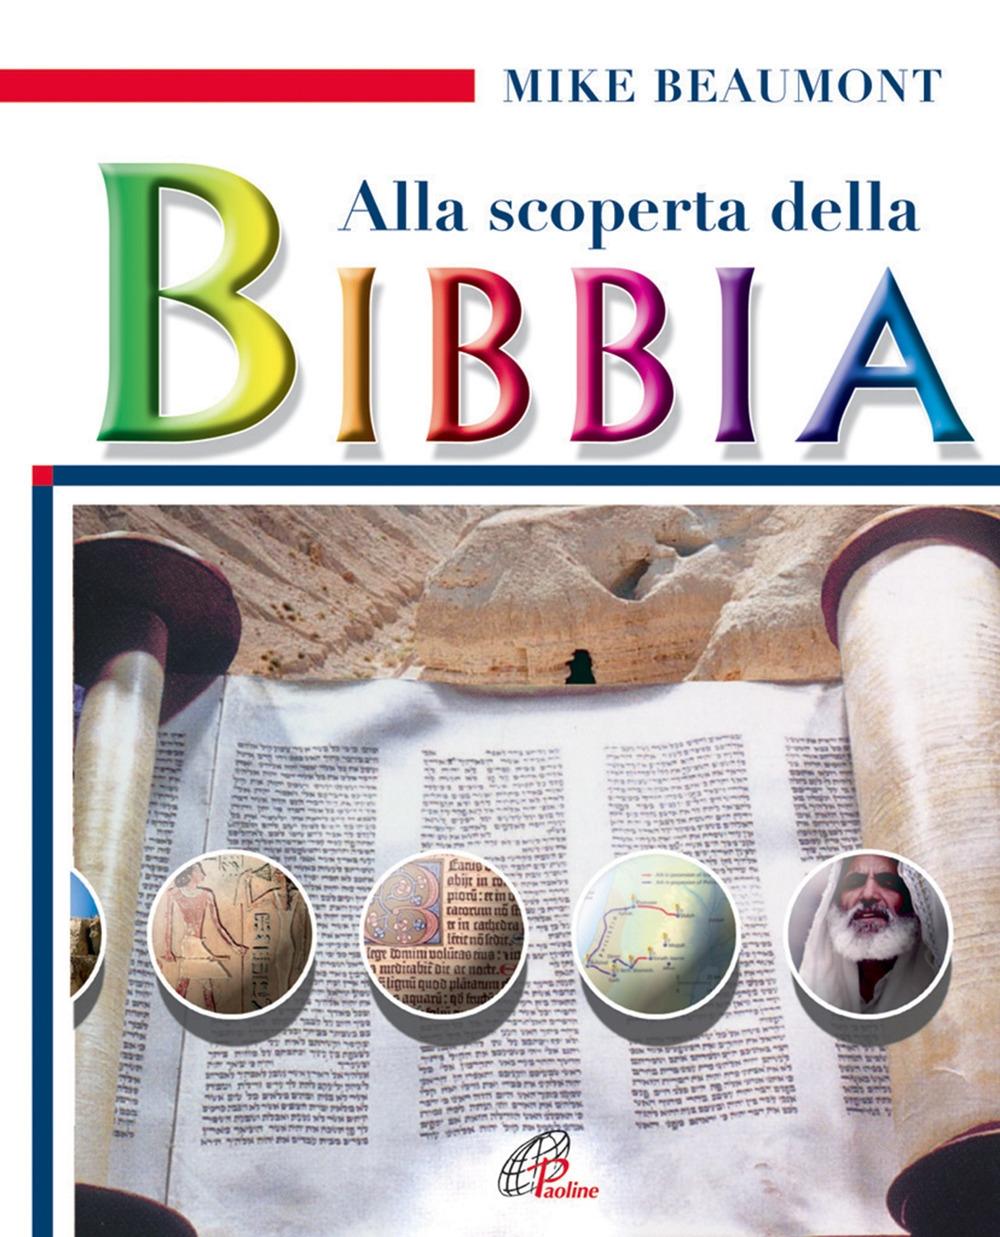 Alla scoperta della Bibbia